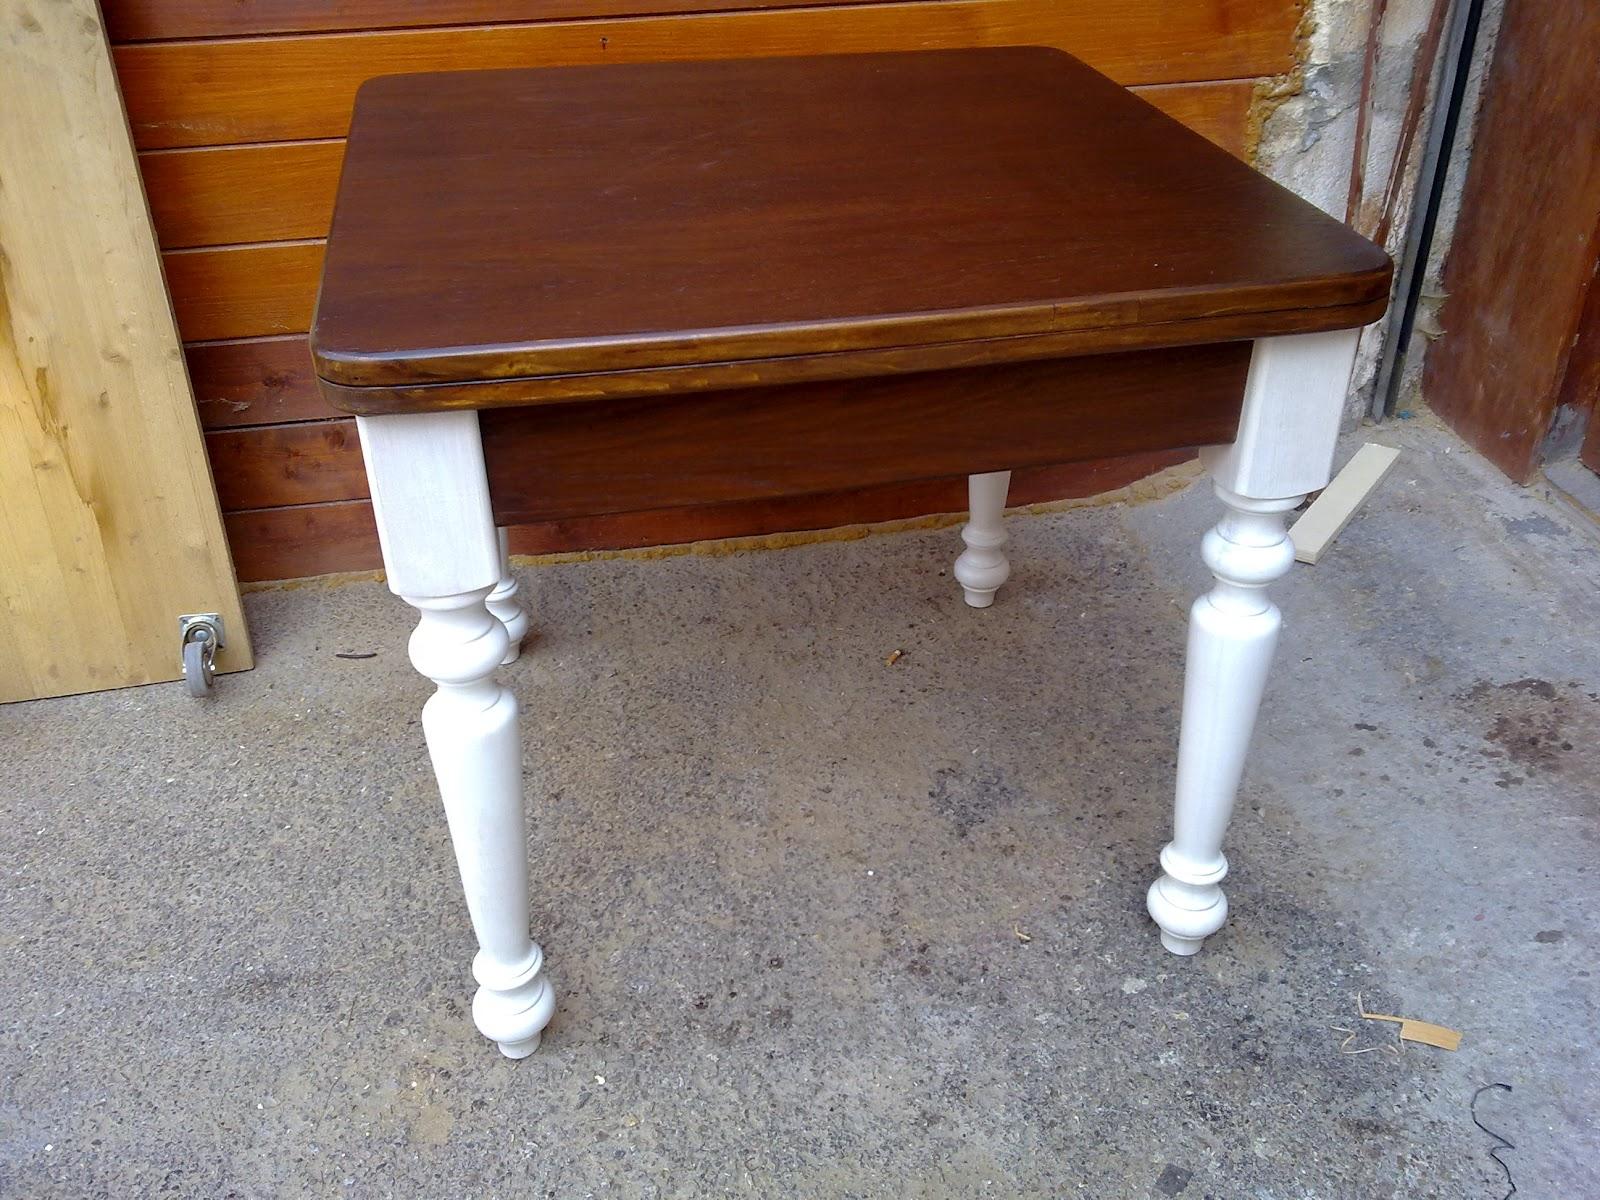 Tavoli In Legno Fai Da Te: Tavolo in legno stilopolis. Tavoli da ...